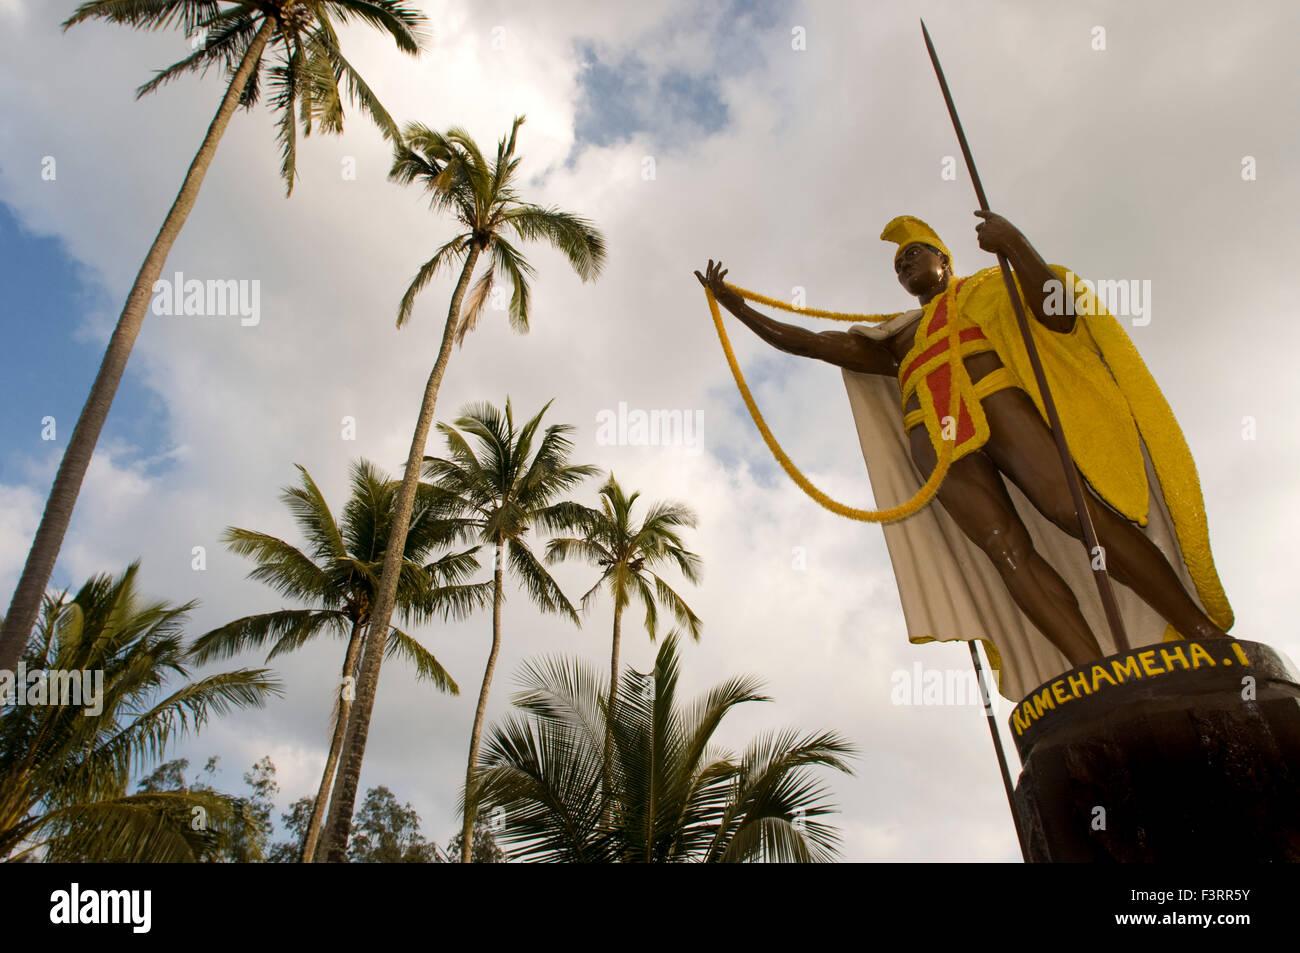 La estatua de Kamehameha el Grande en Kapa'au. Isla Grande. Hawaii. Ee.Uu.. Estatua Kamahameha reside en Hawaiʻi Island (conocido localmente un Foto de stock